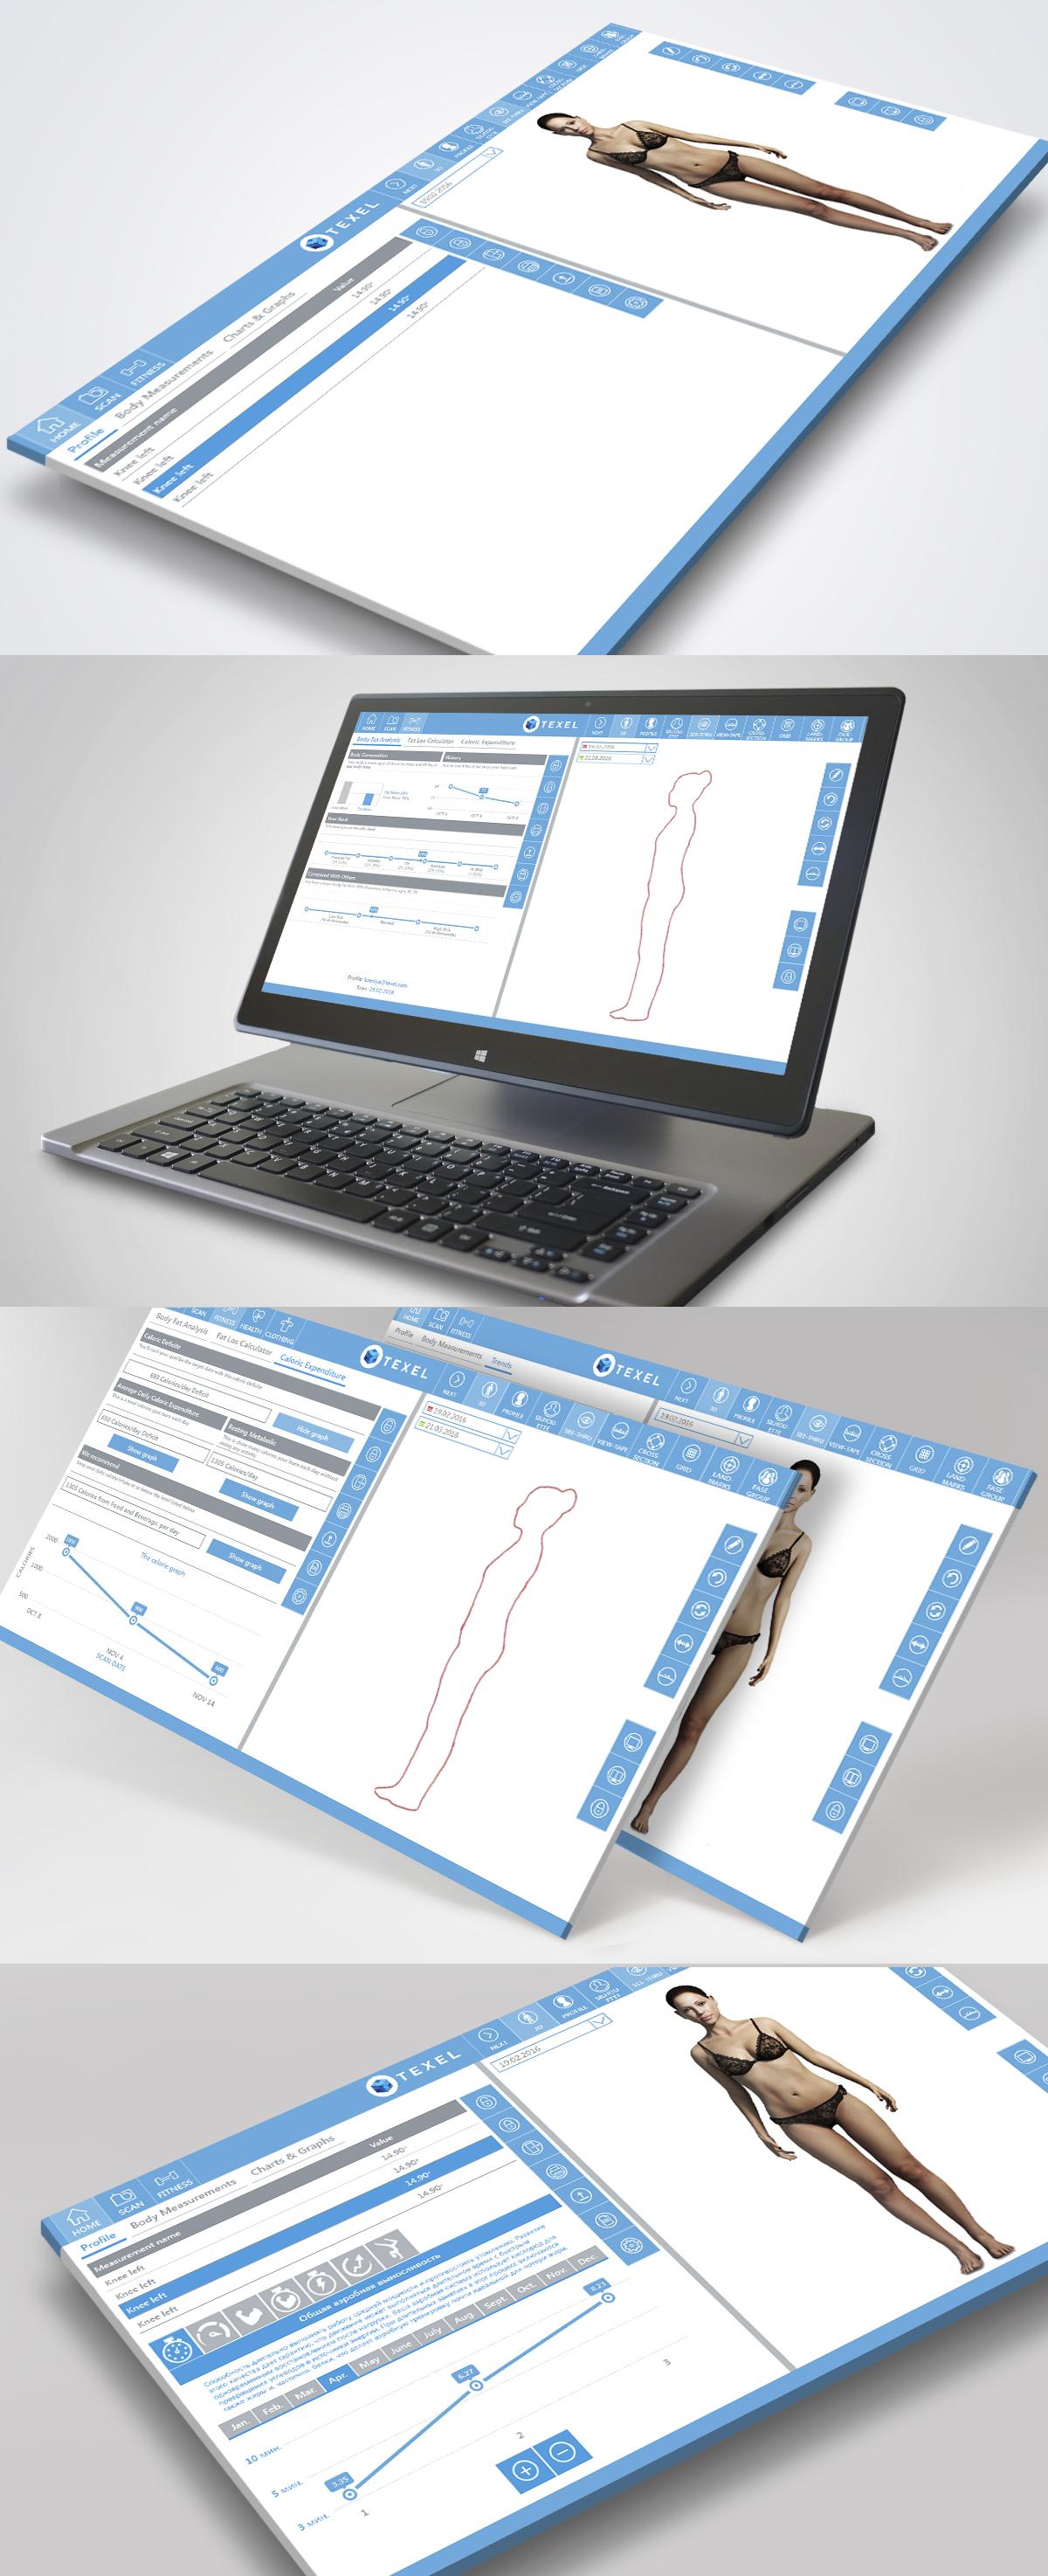 Дизайн интерфейса приложения для фитнеса